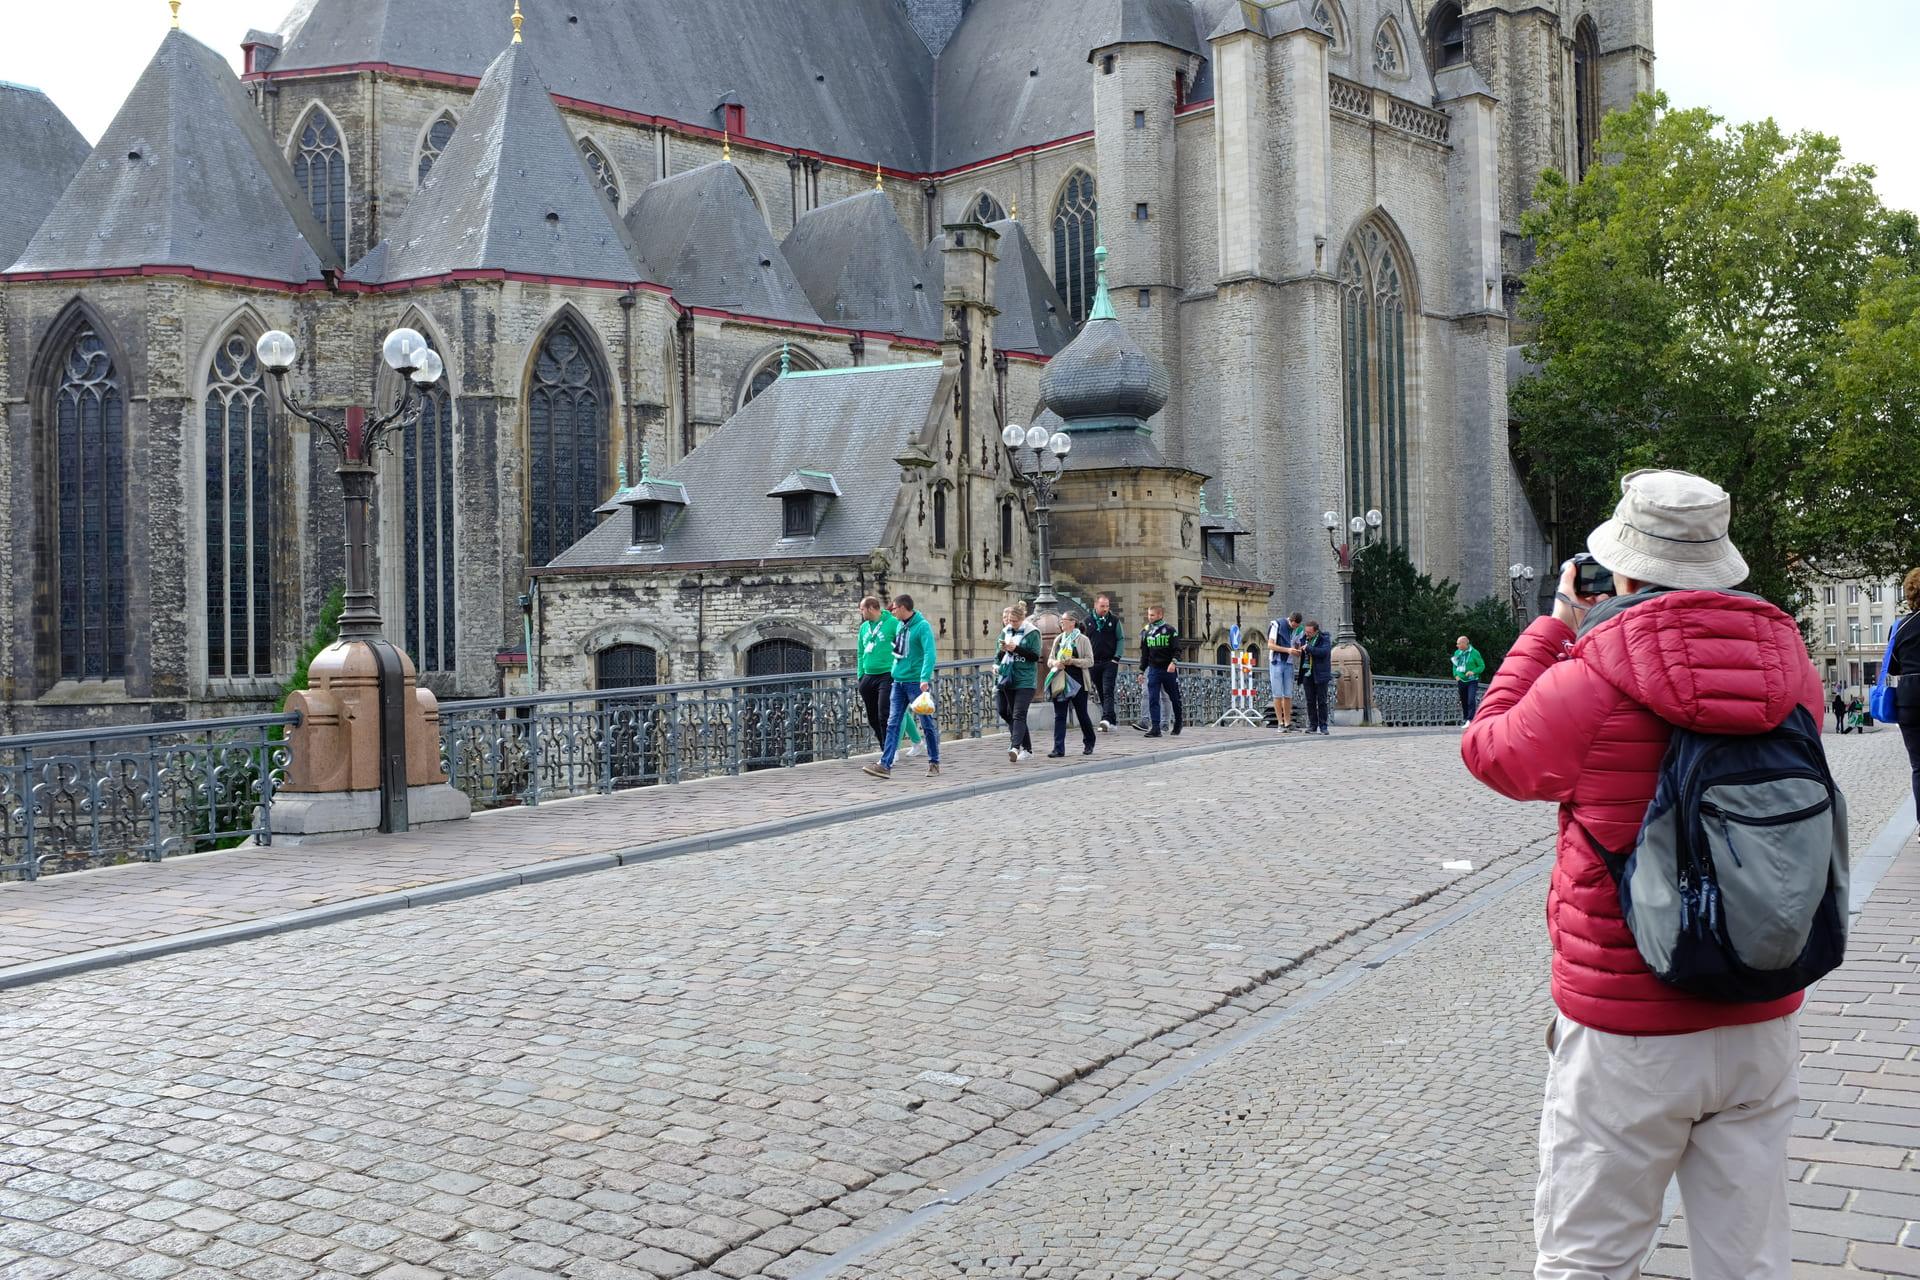 La Gantoise ASSE - Les aventures de Gustave